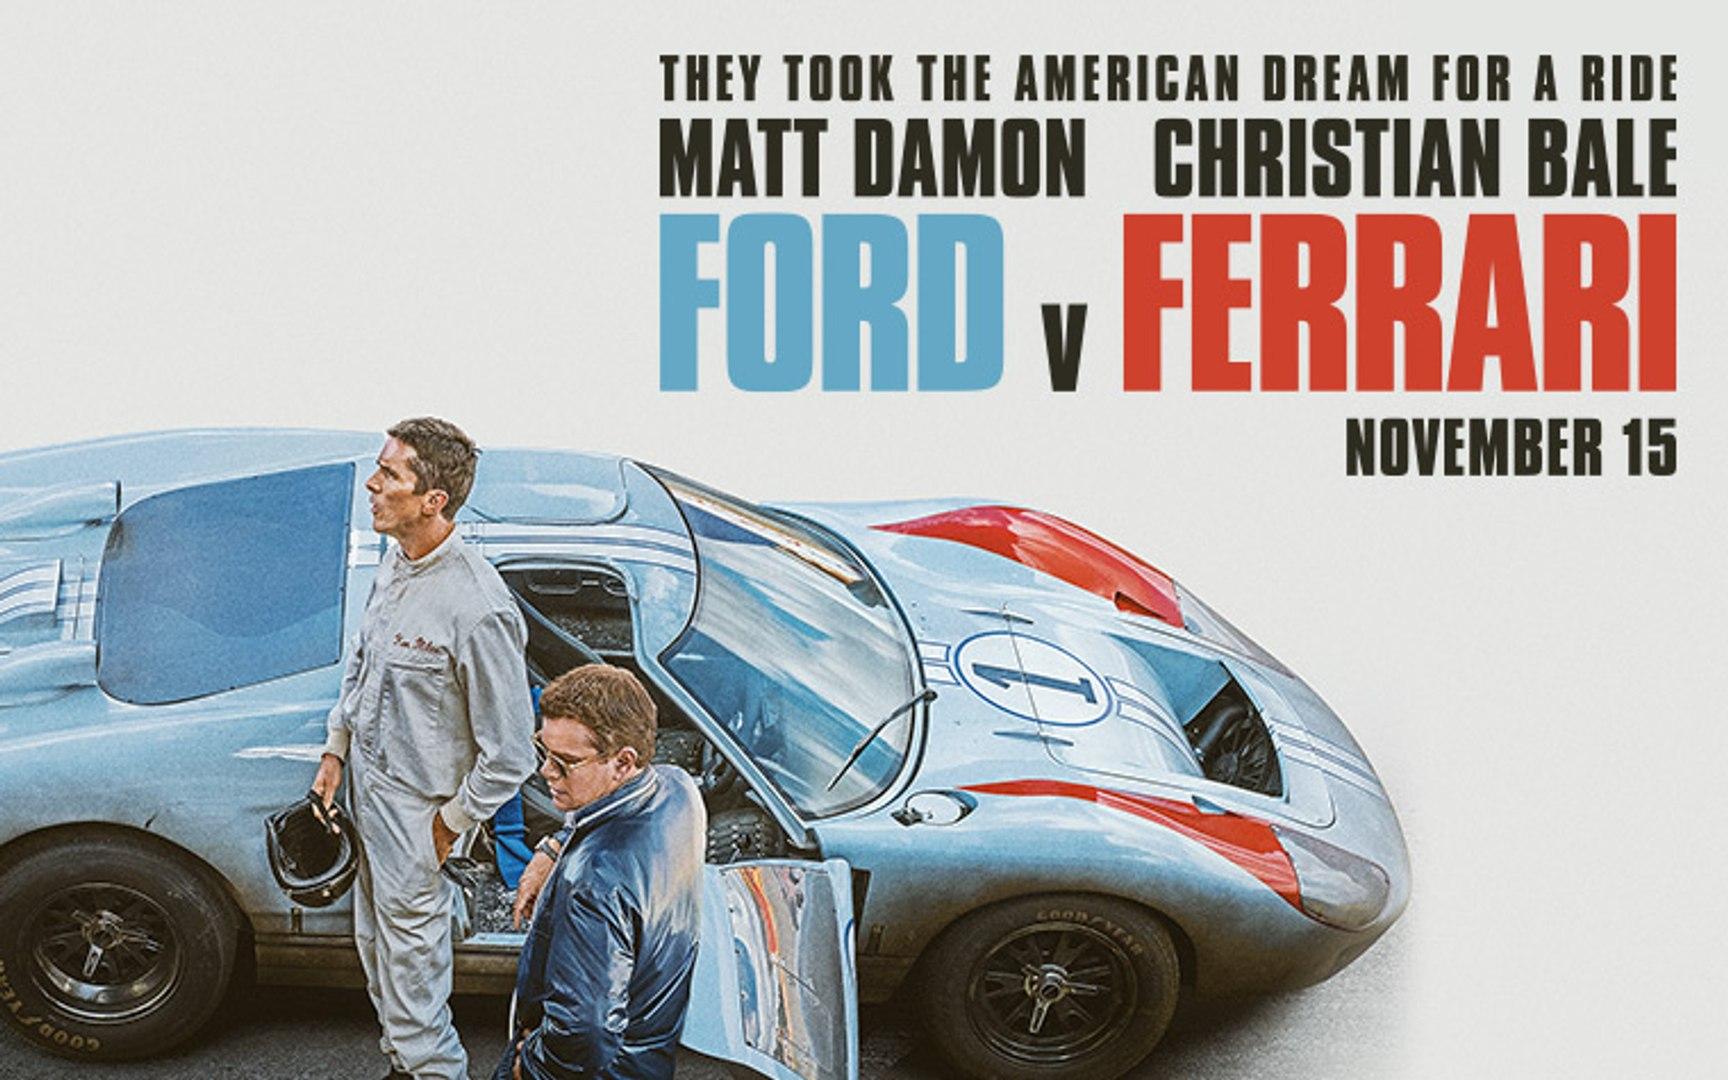 Ford V Ferrari Trailer 11 15 2019 Video Dailymotion